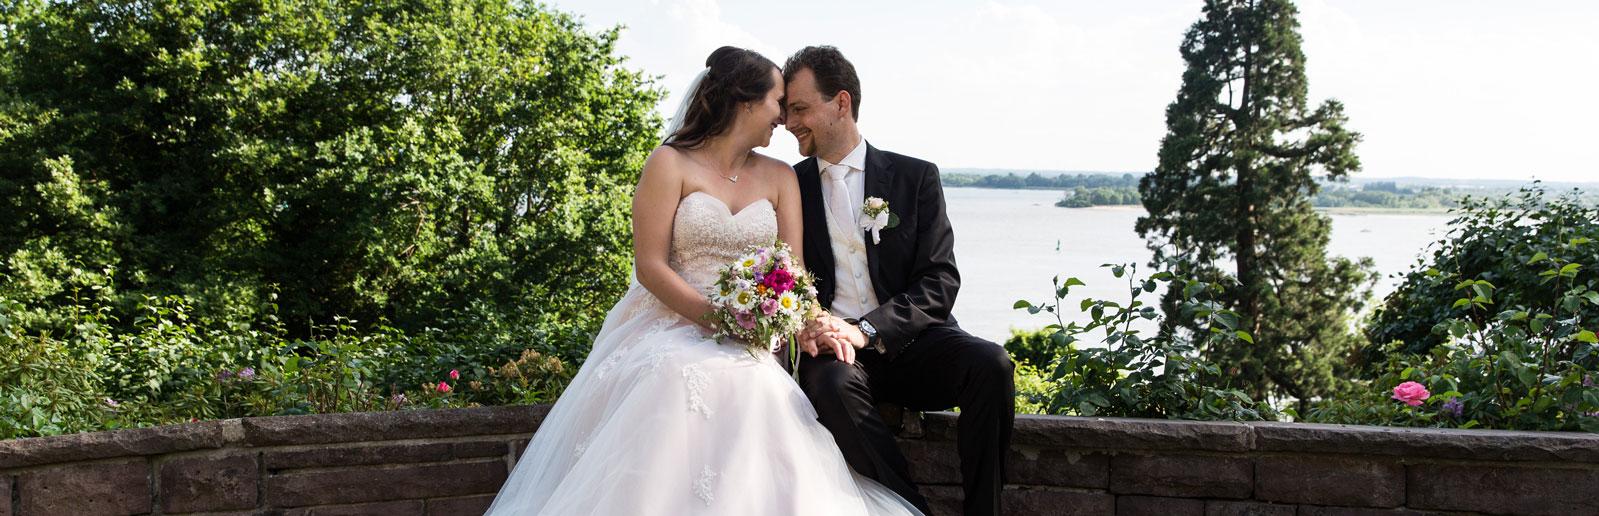 Julia & Mats, 26. Mai 2018